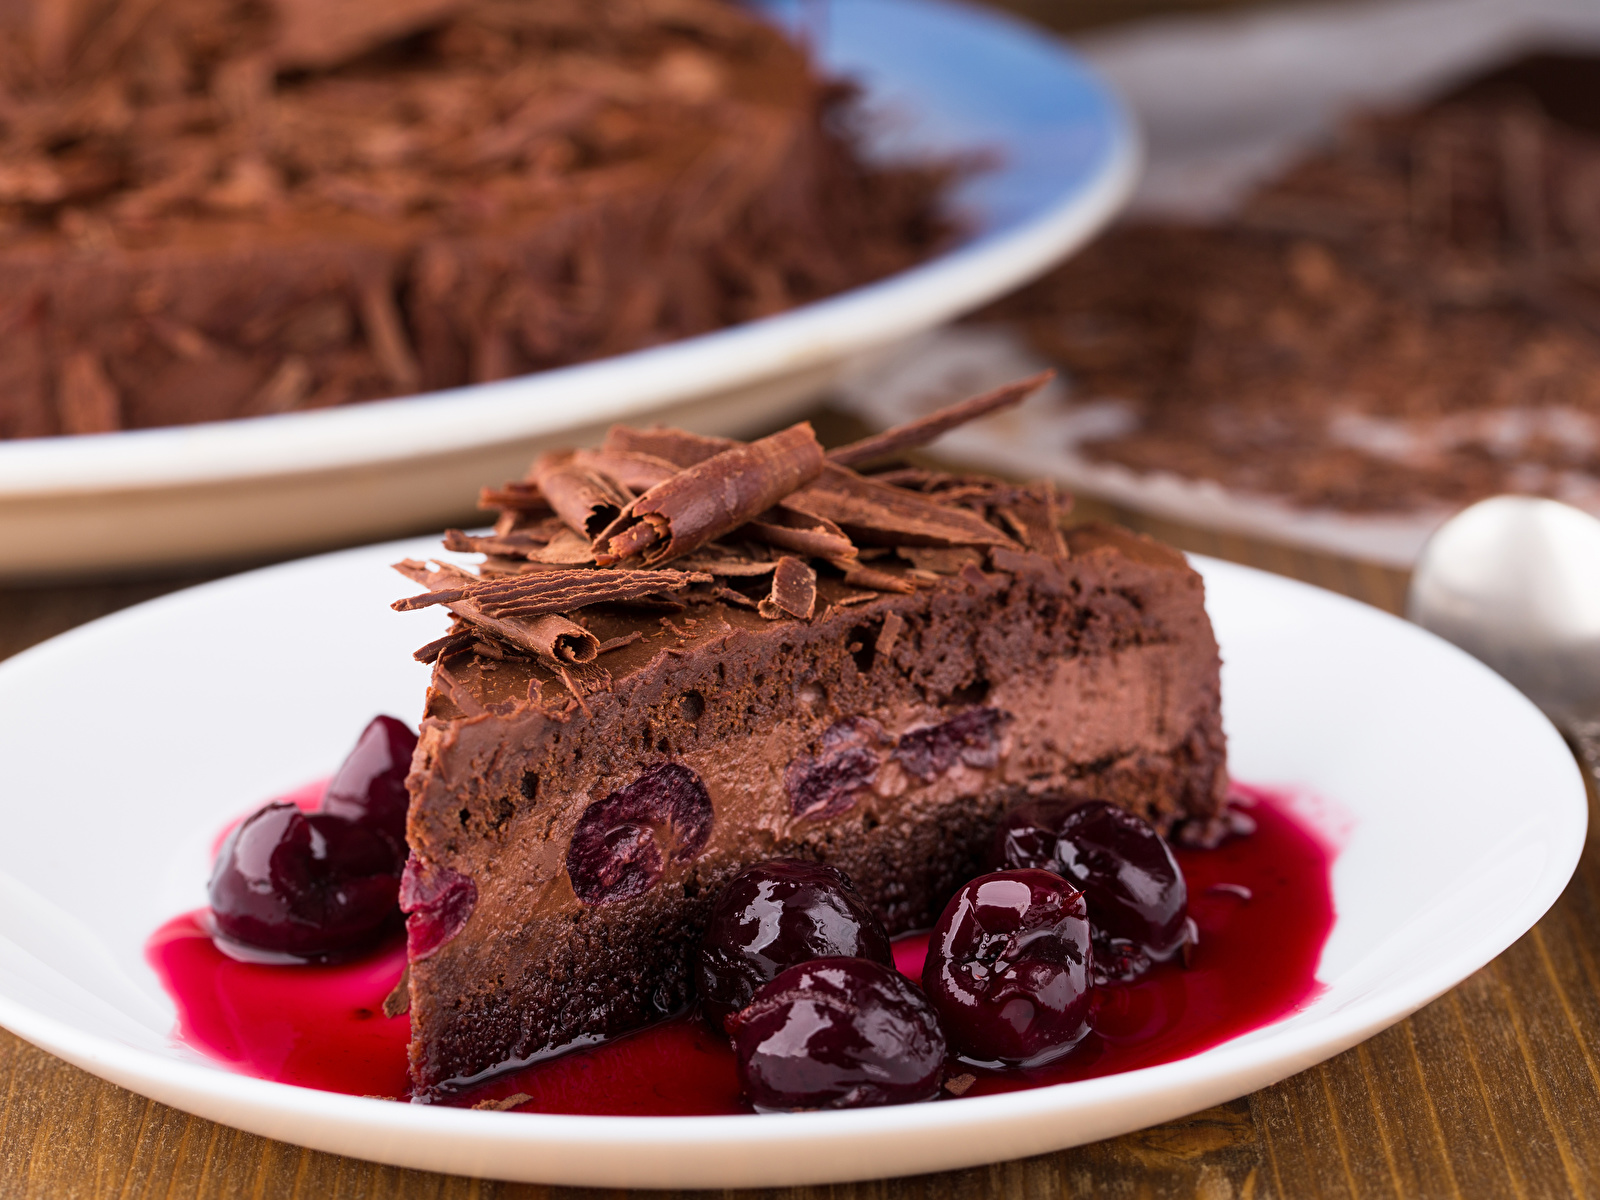 Картинки Шоколад Торты Кусок Вишня Пища 1600x1200 часть кусочки кусочек Черешня Еда Продукты питания